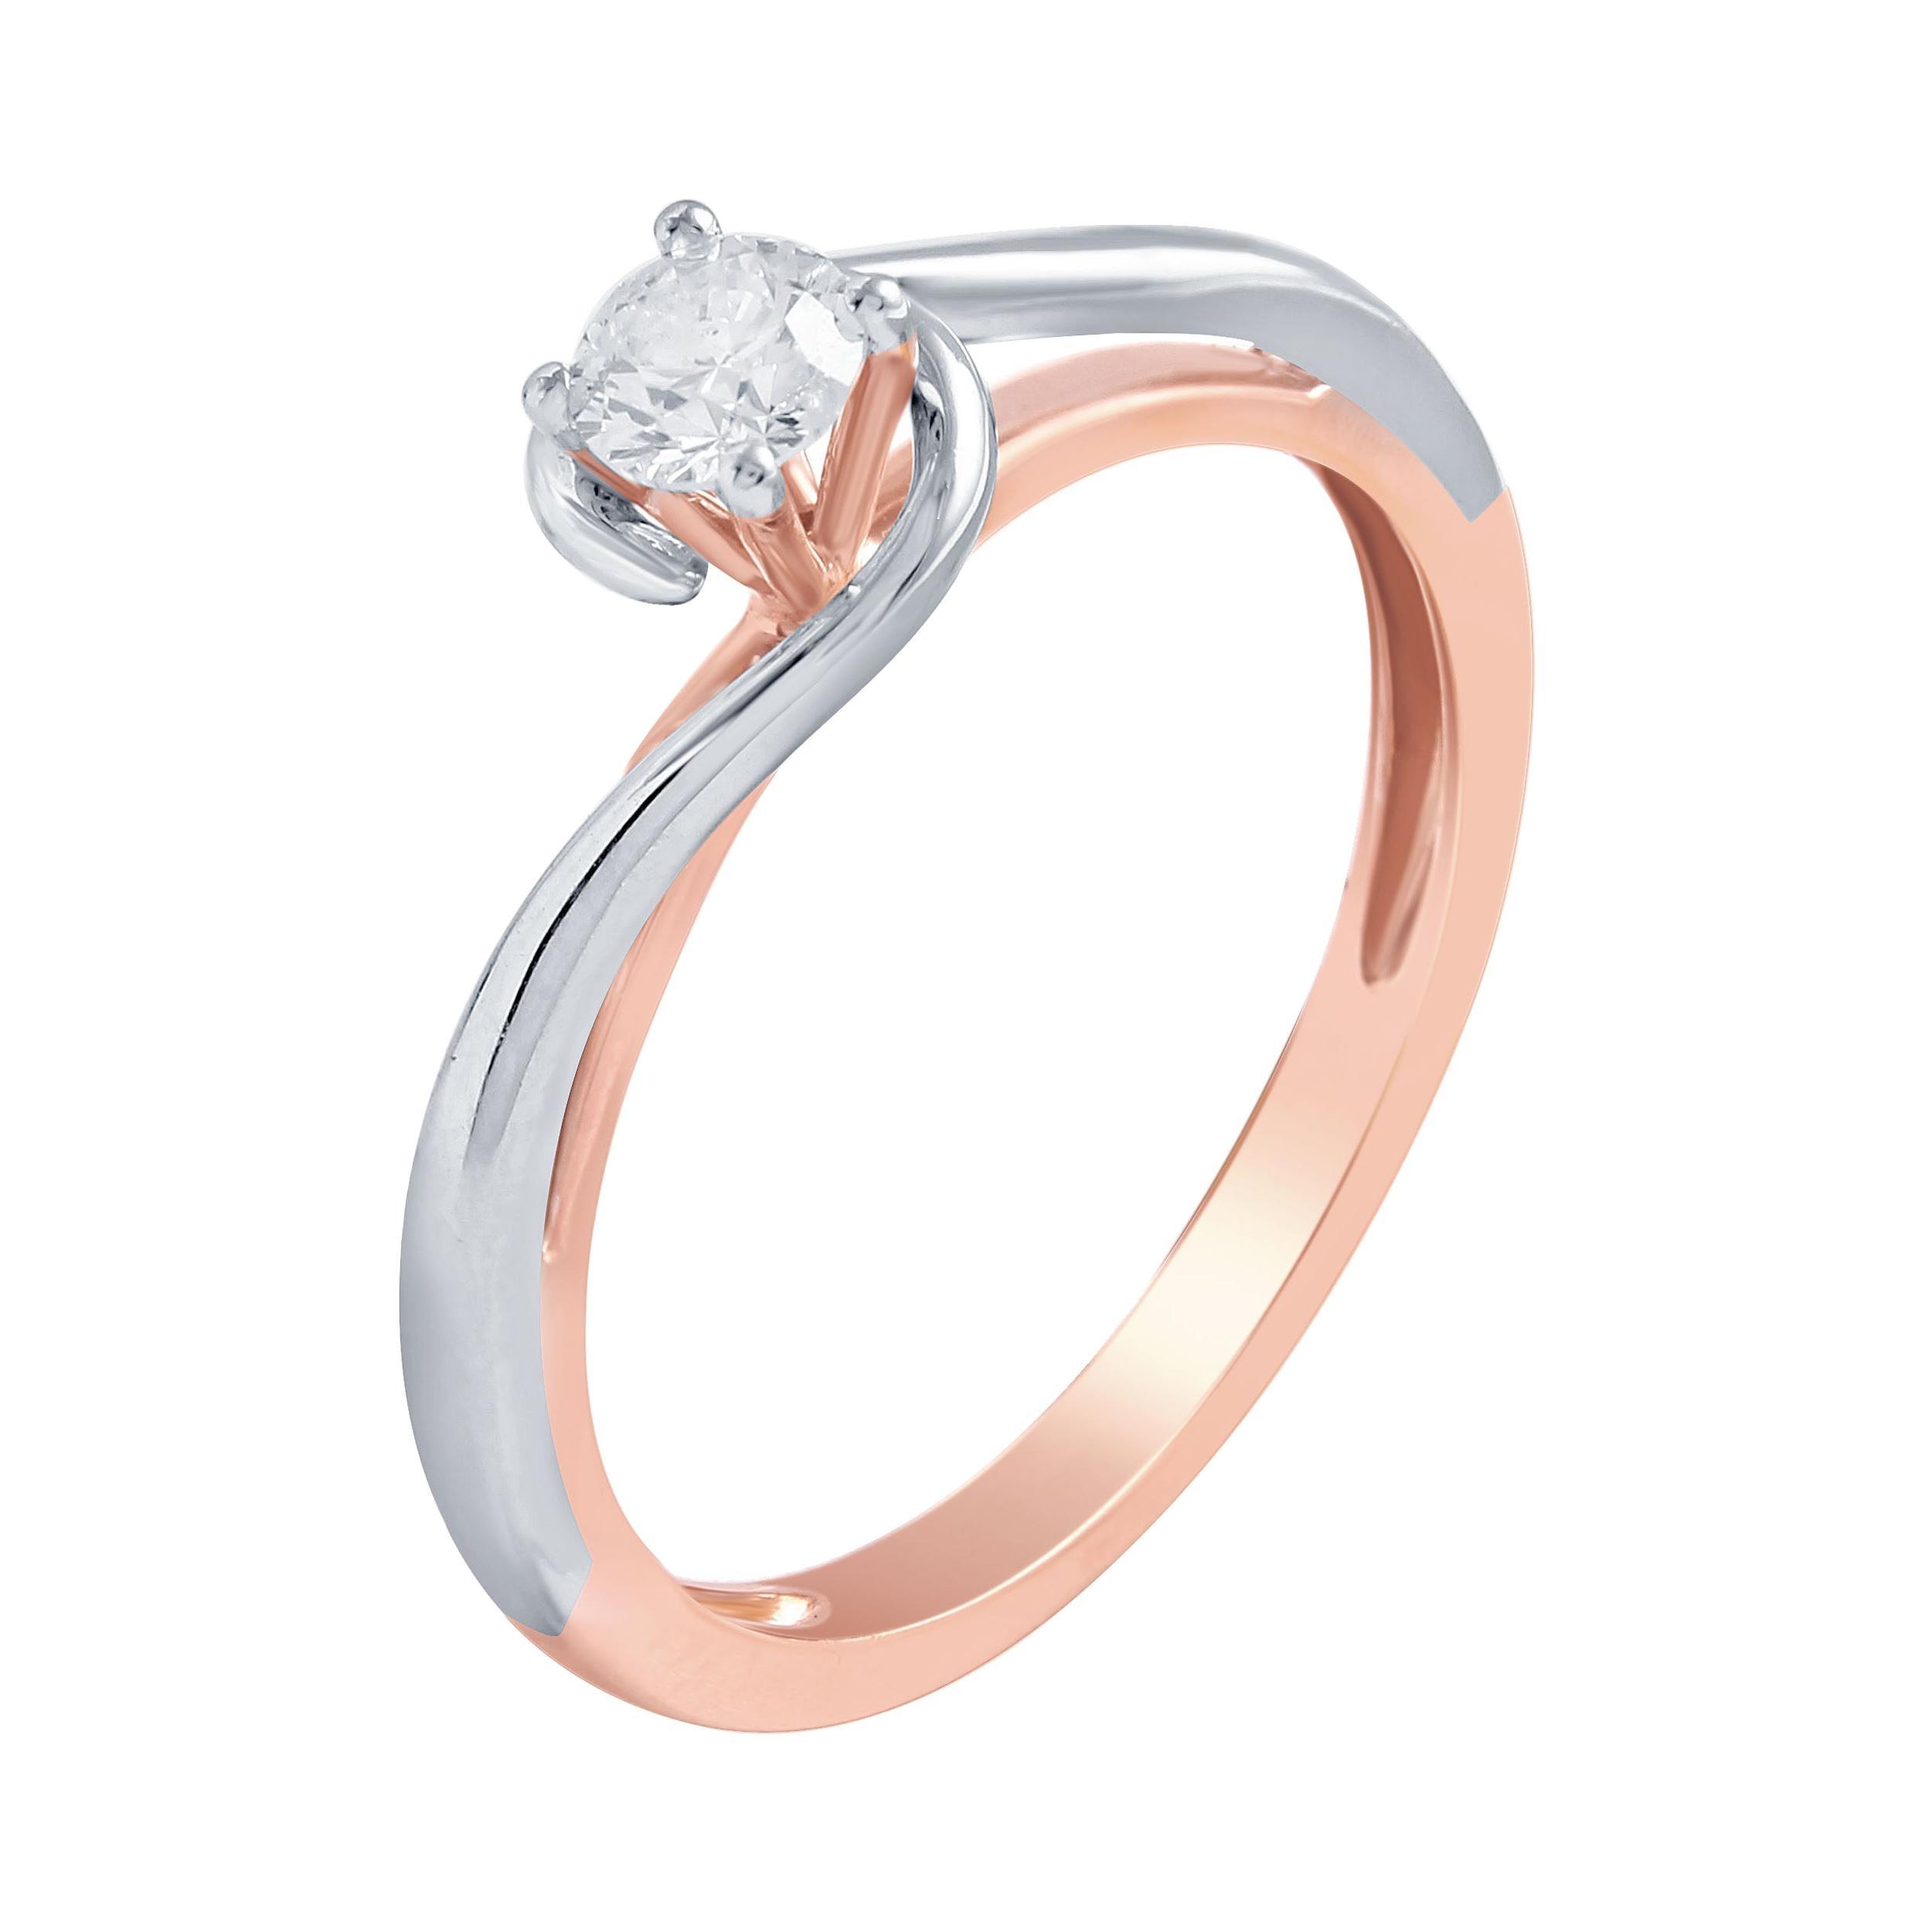 1/4 Carat Solitare Diamond Certified Diamond Ring 14 Karat White and Pink Gold